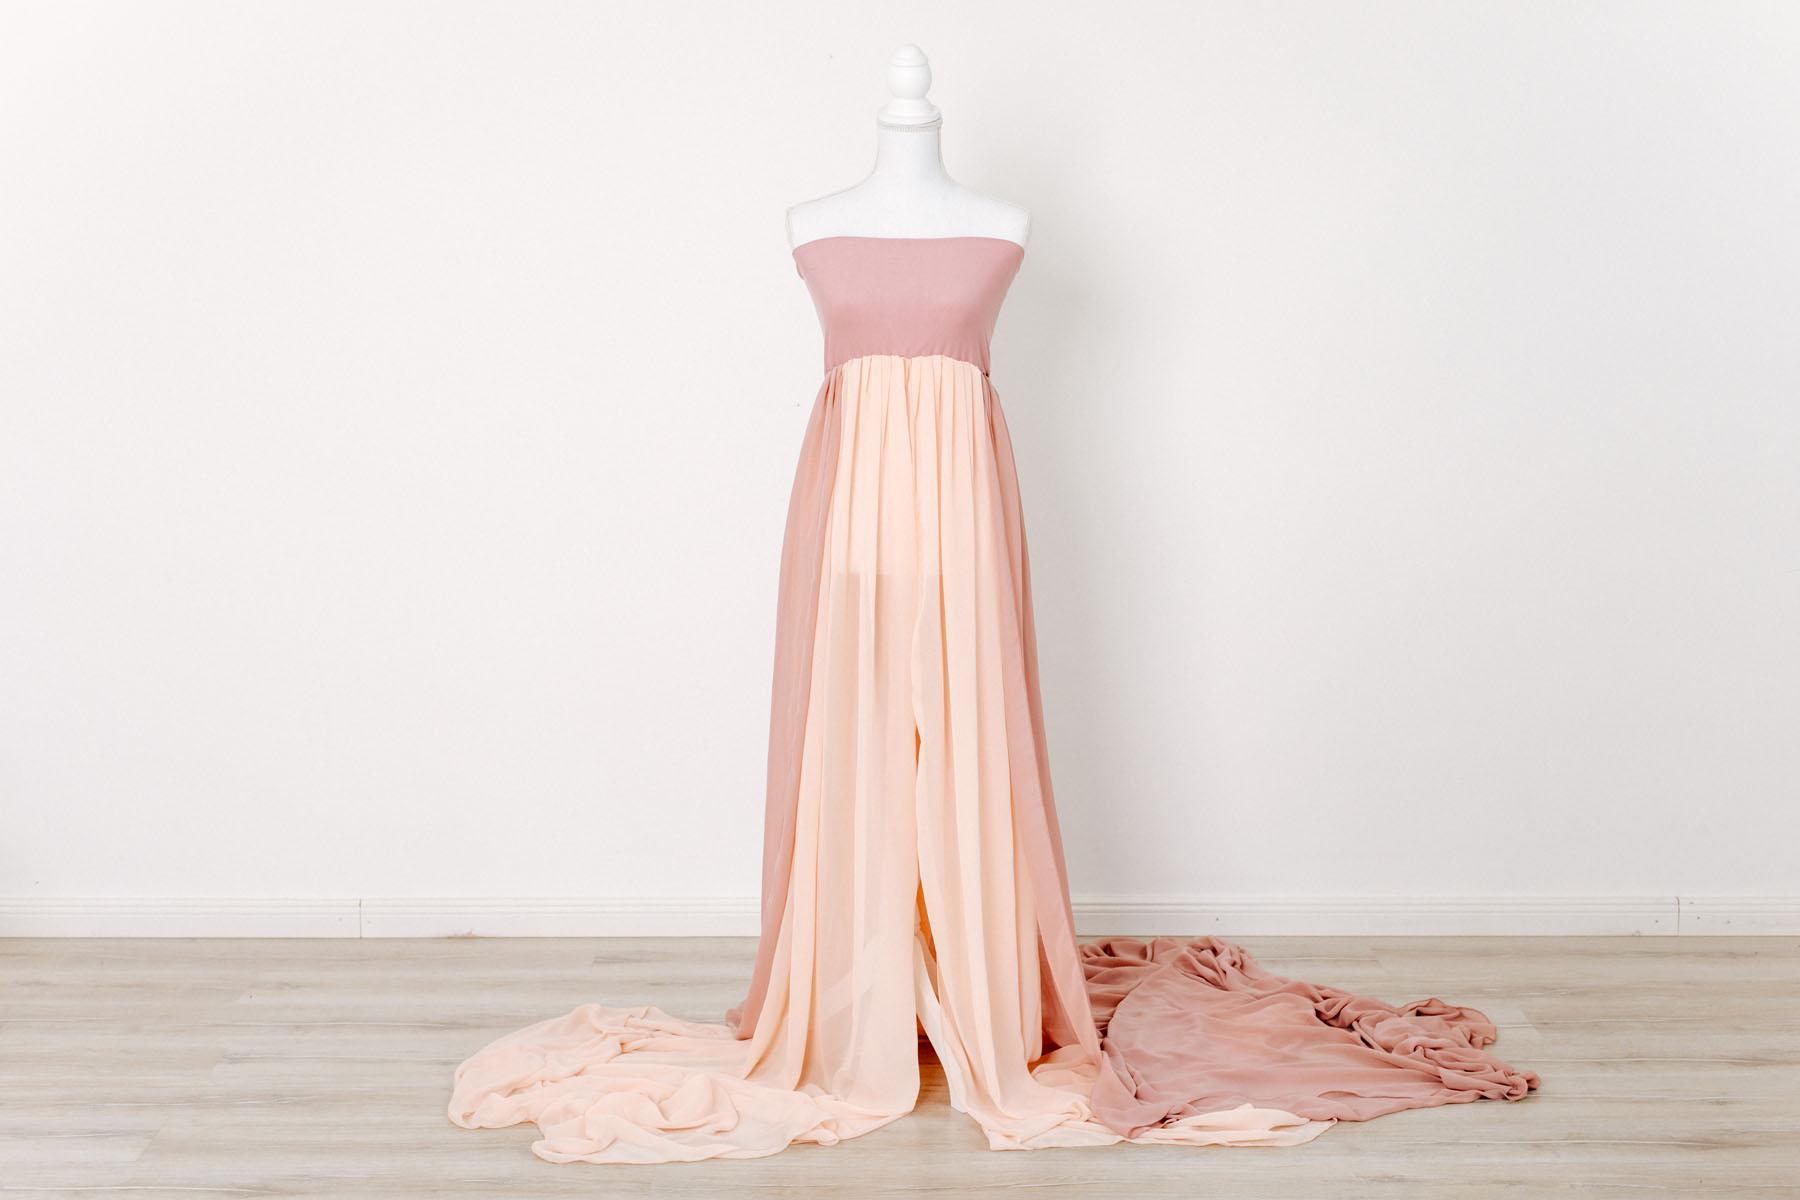 Schwangerschaftskleid für Babybauch Fotoshooting - hellrose, apricot -